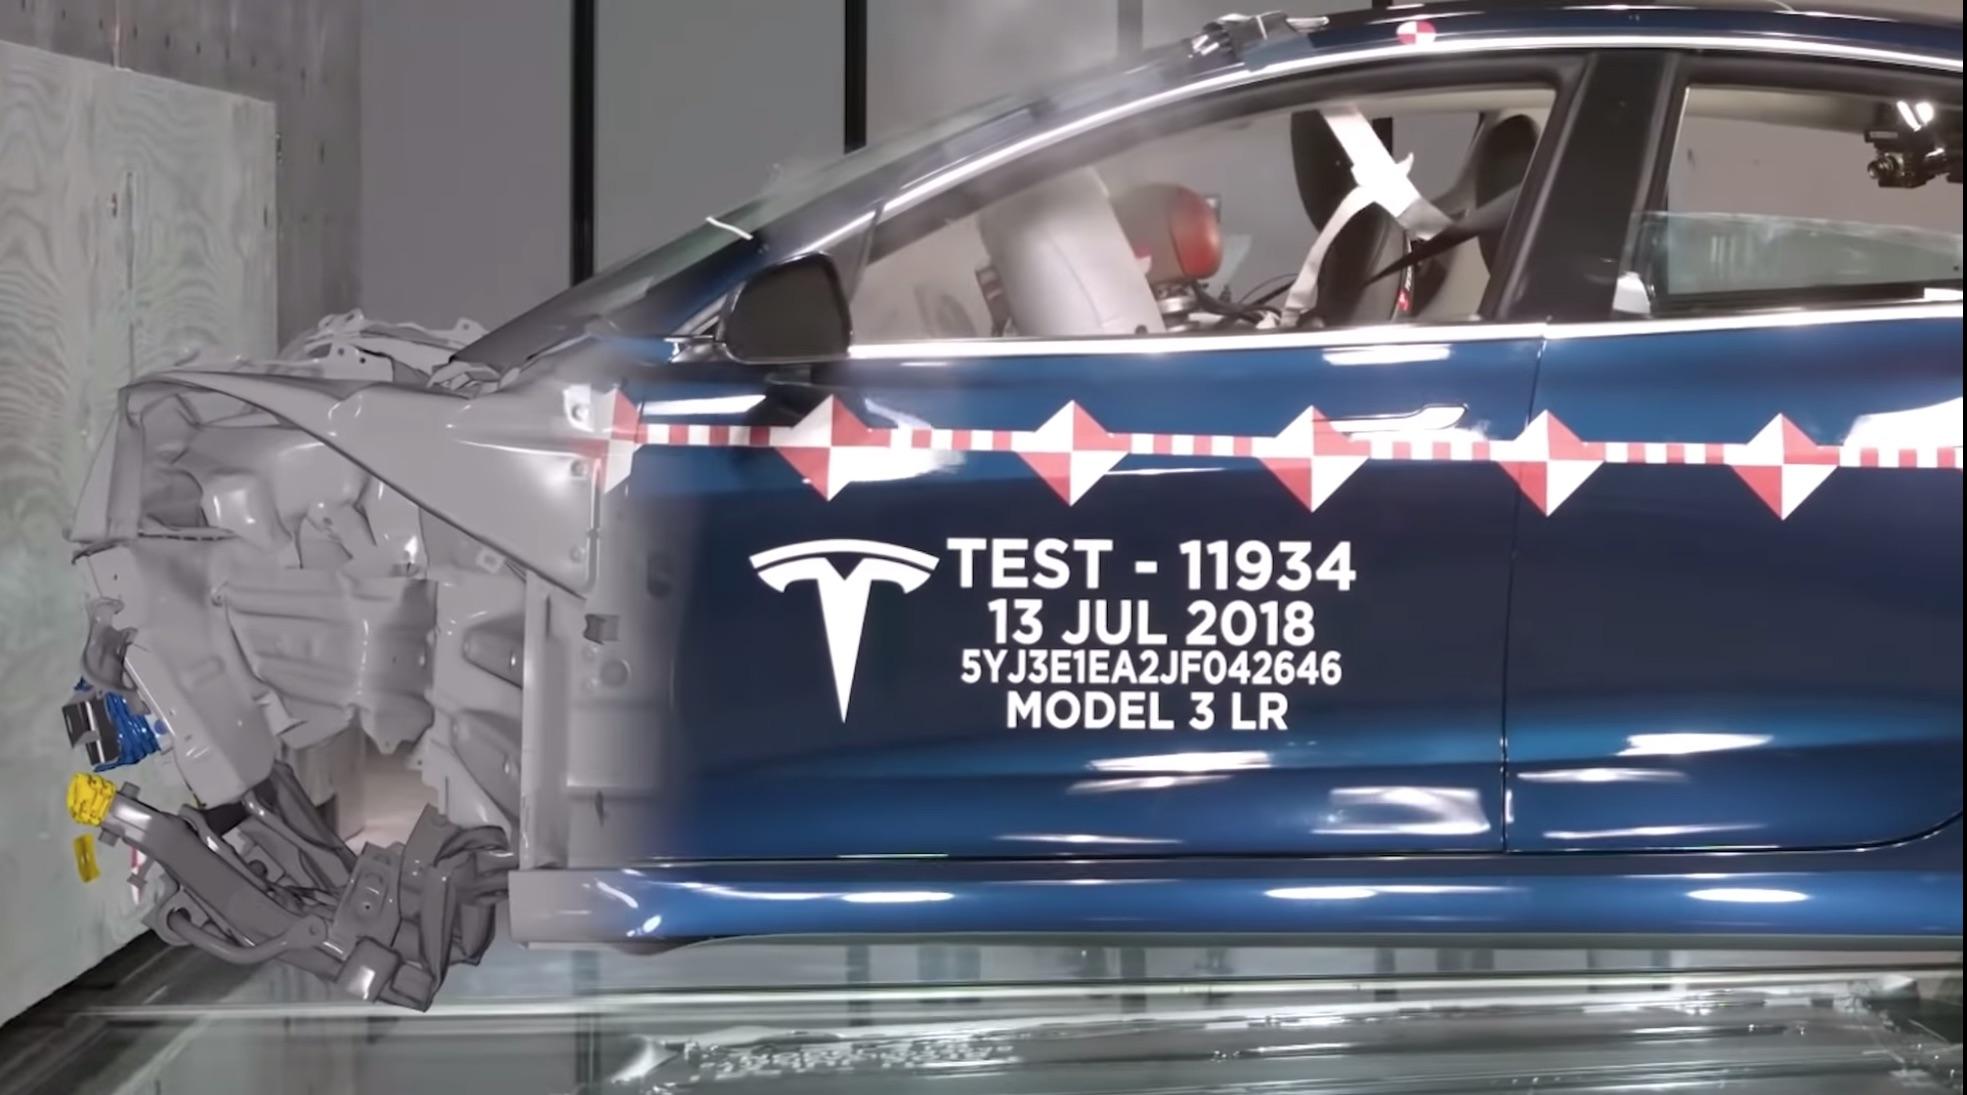 À quoi ressemble l'intérieur d'une Model 3 pendant un accident ? Tesla sort une vidéo crash-test